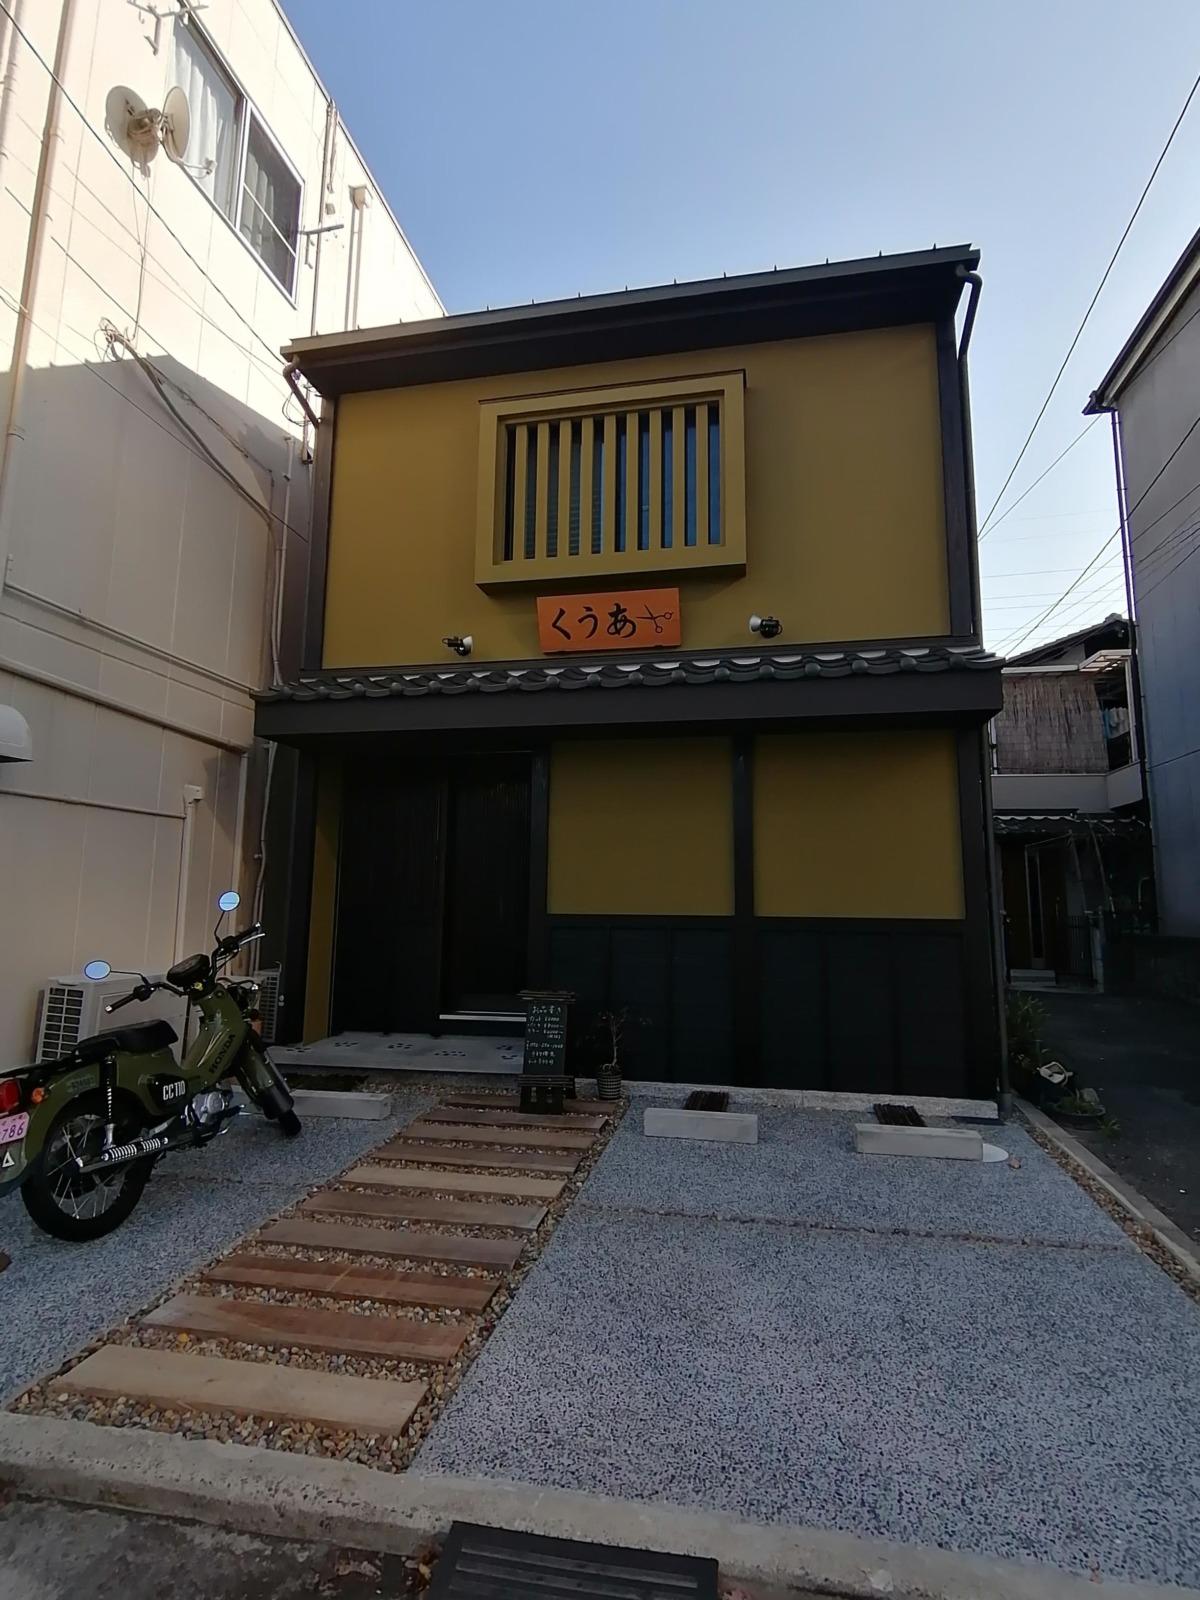 【2020.10/13移転オープン】堺市北区百舌鳥梅北町★美容院『くうあ』が移転していました: